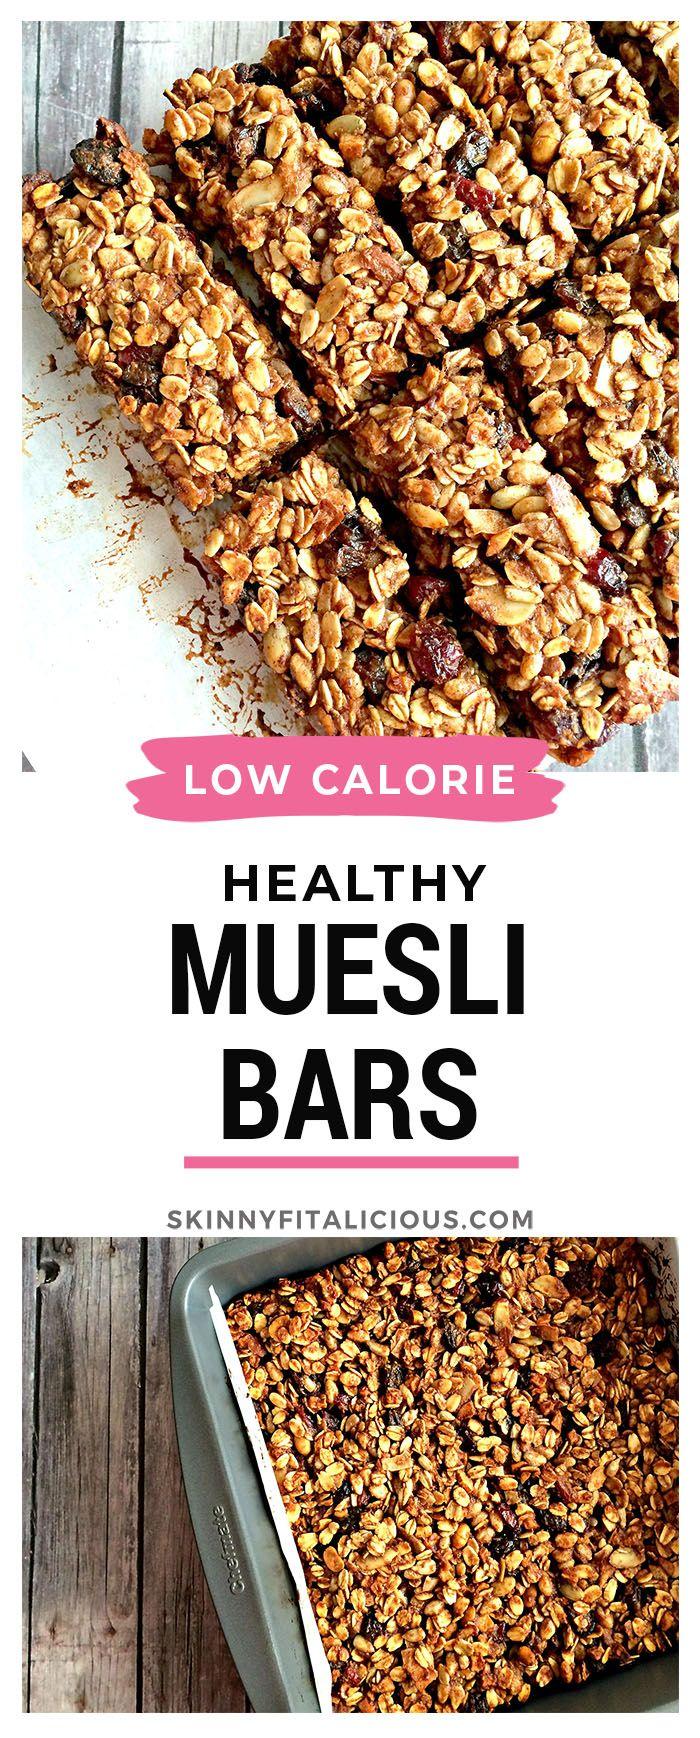 Healthy Muesli Hemp Bars In 2020 Low Calorie Vegan Healthy Granola Bars Healthy Low Calorie Meals